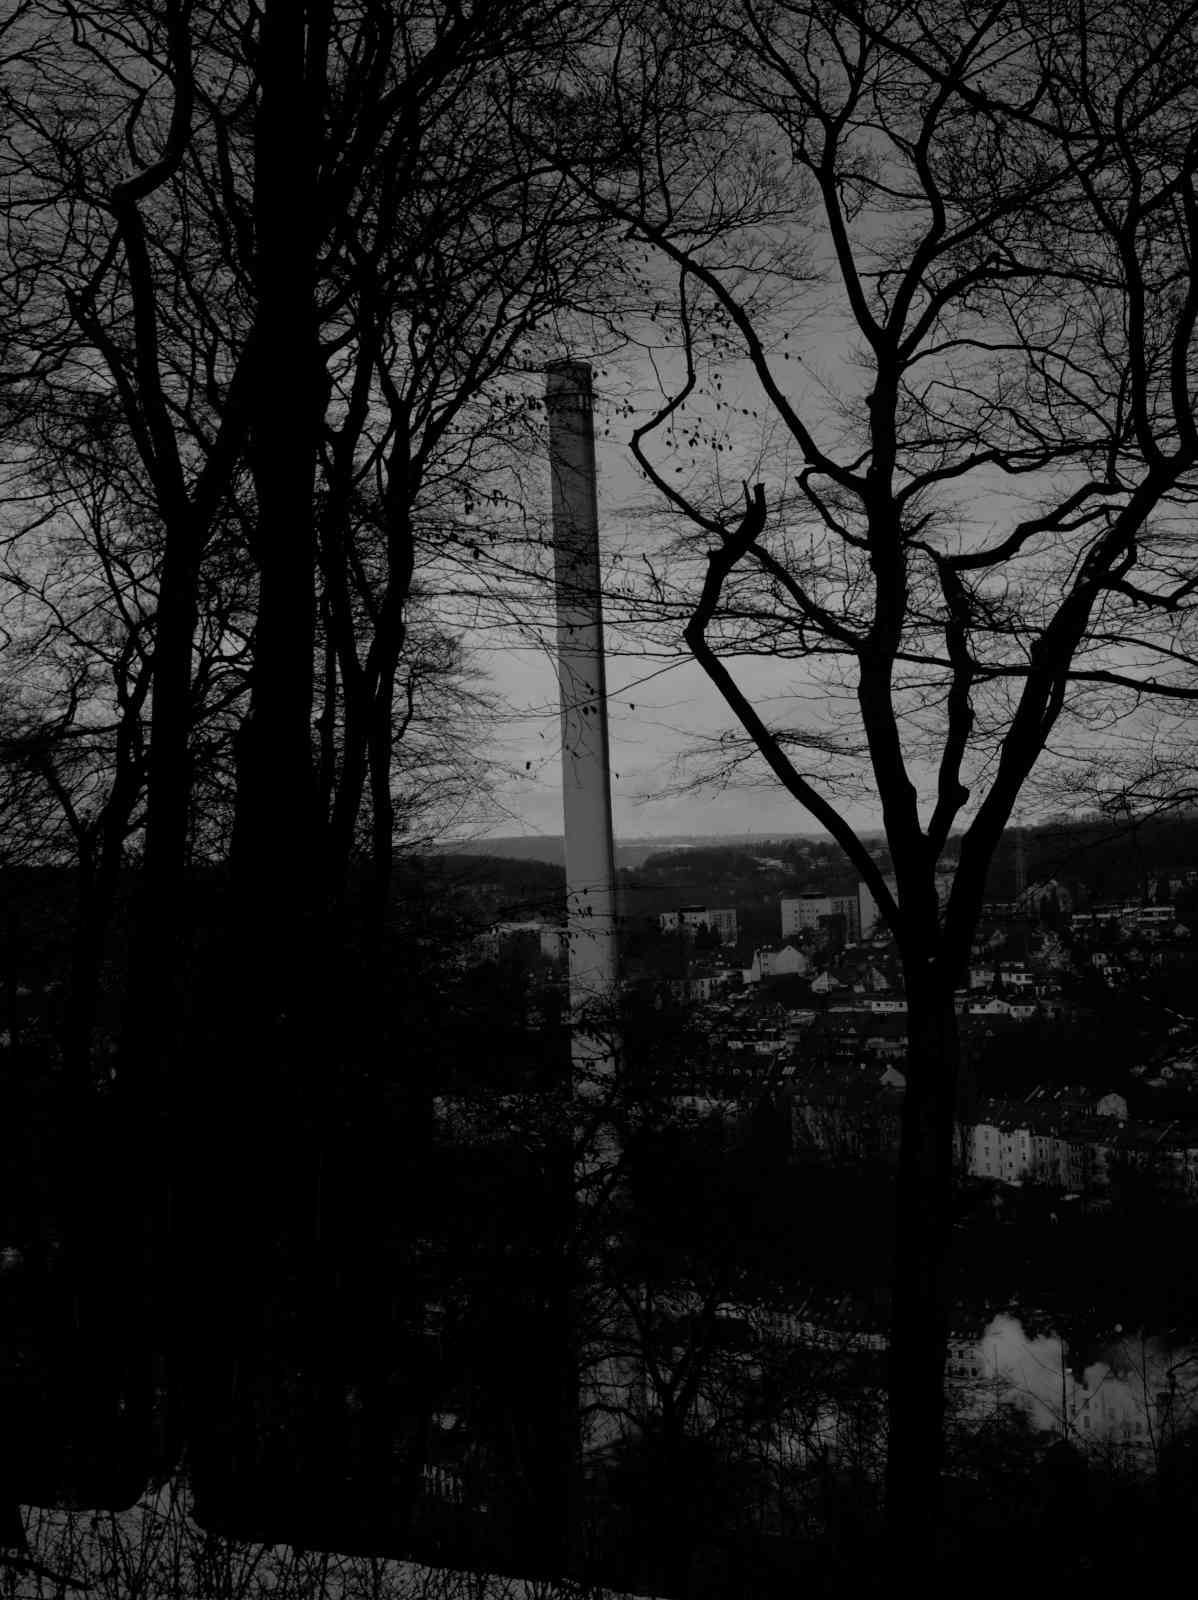 Der Große Schornstein, Wuppertal 08